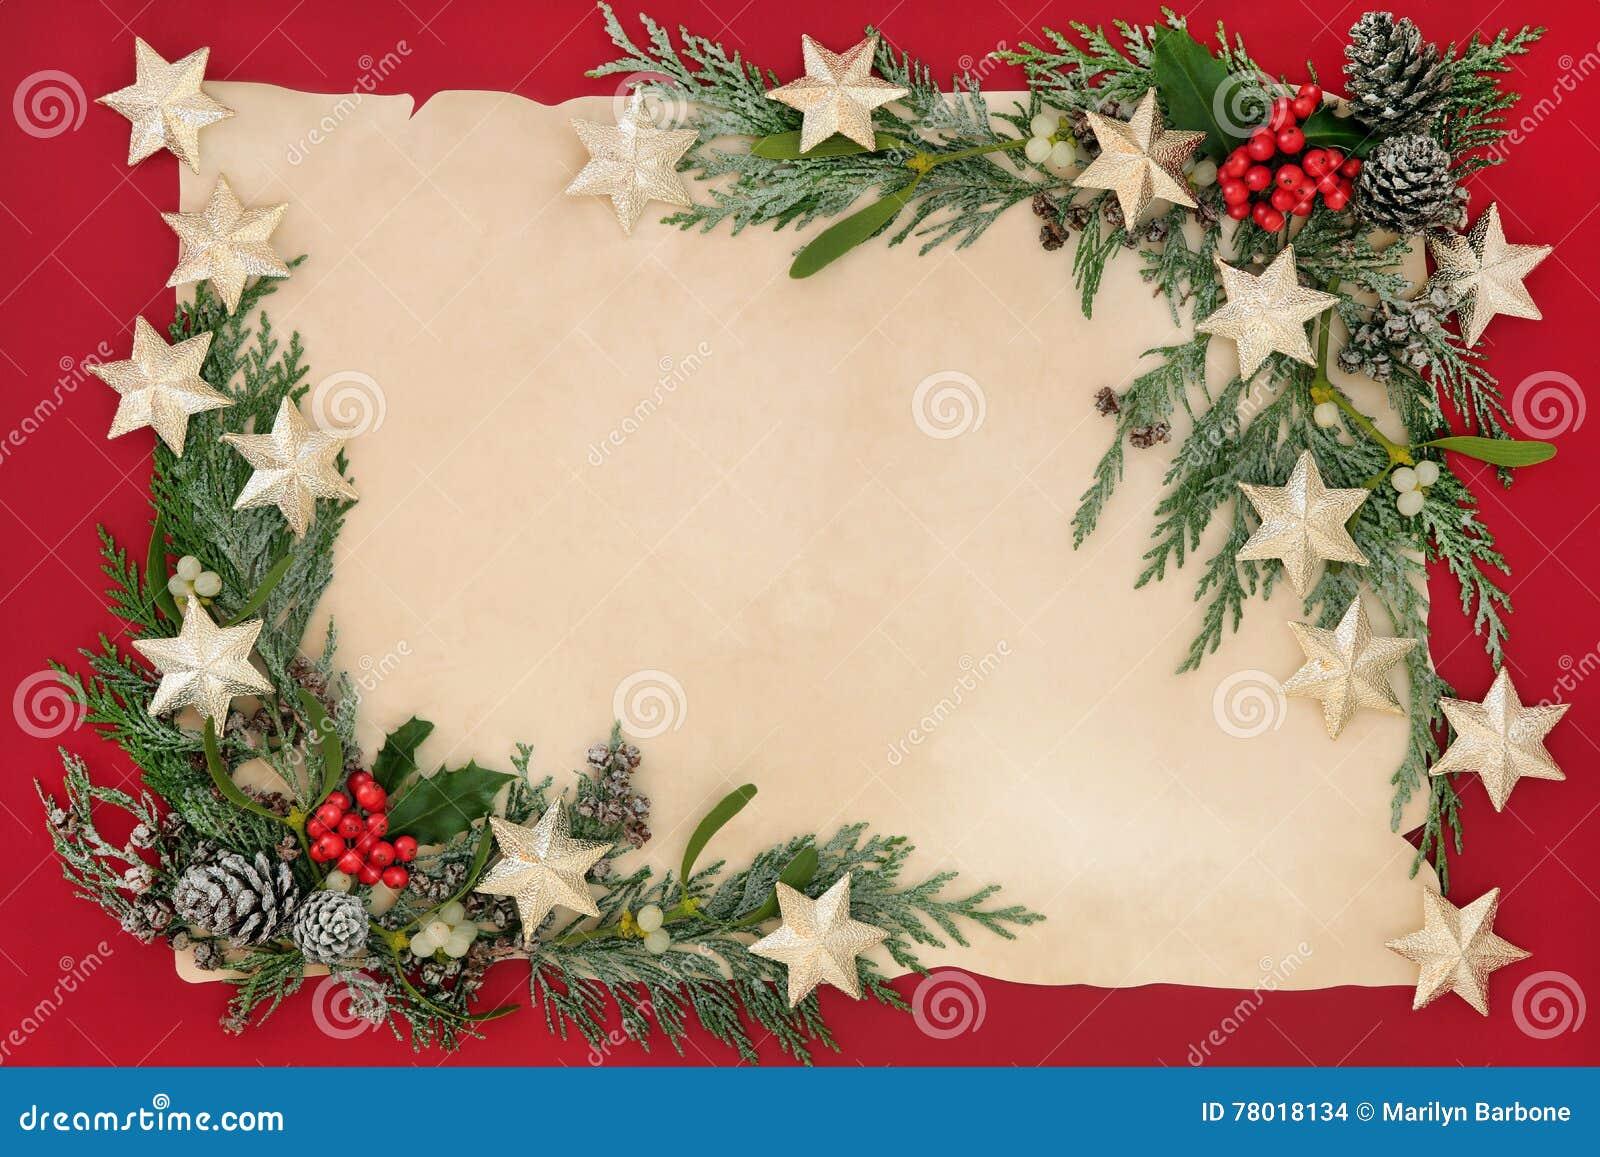 Weihnachtsstern-Hintergrund-Grenze Stockfoto - Bild von leerzeichen ...